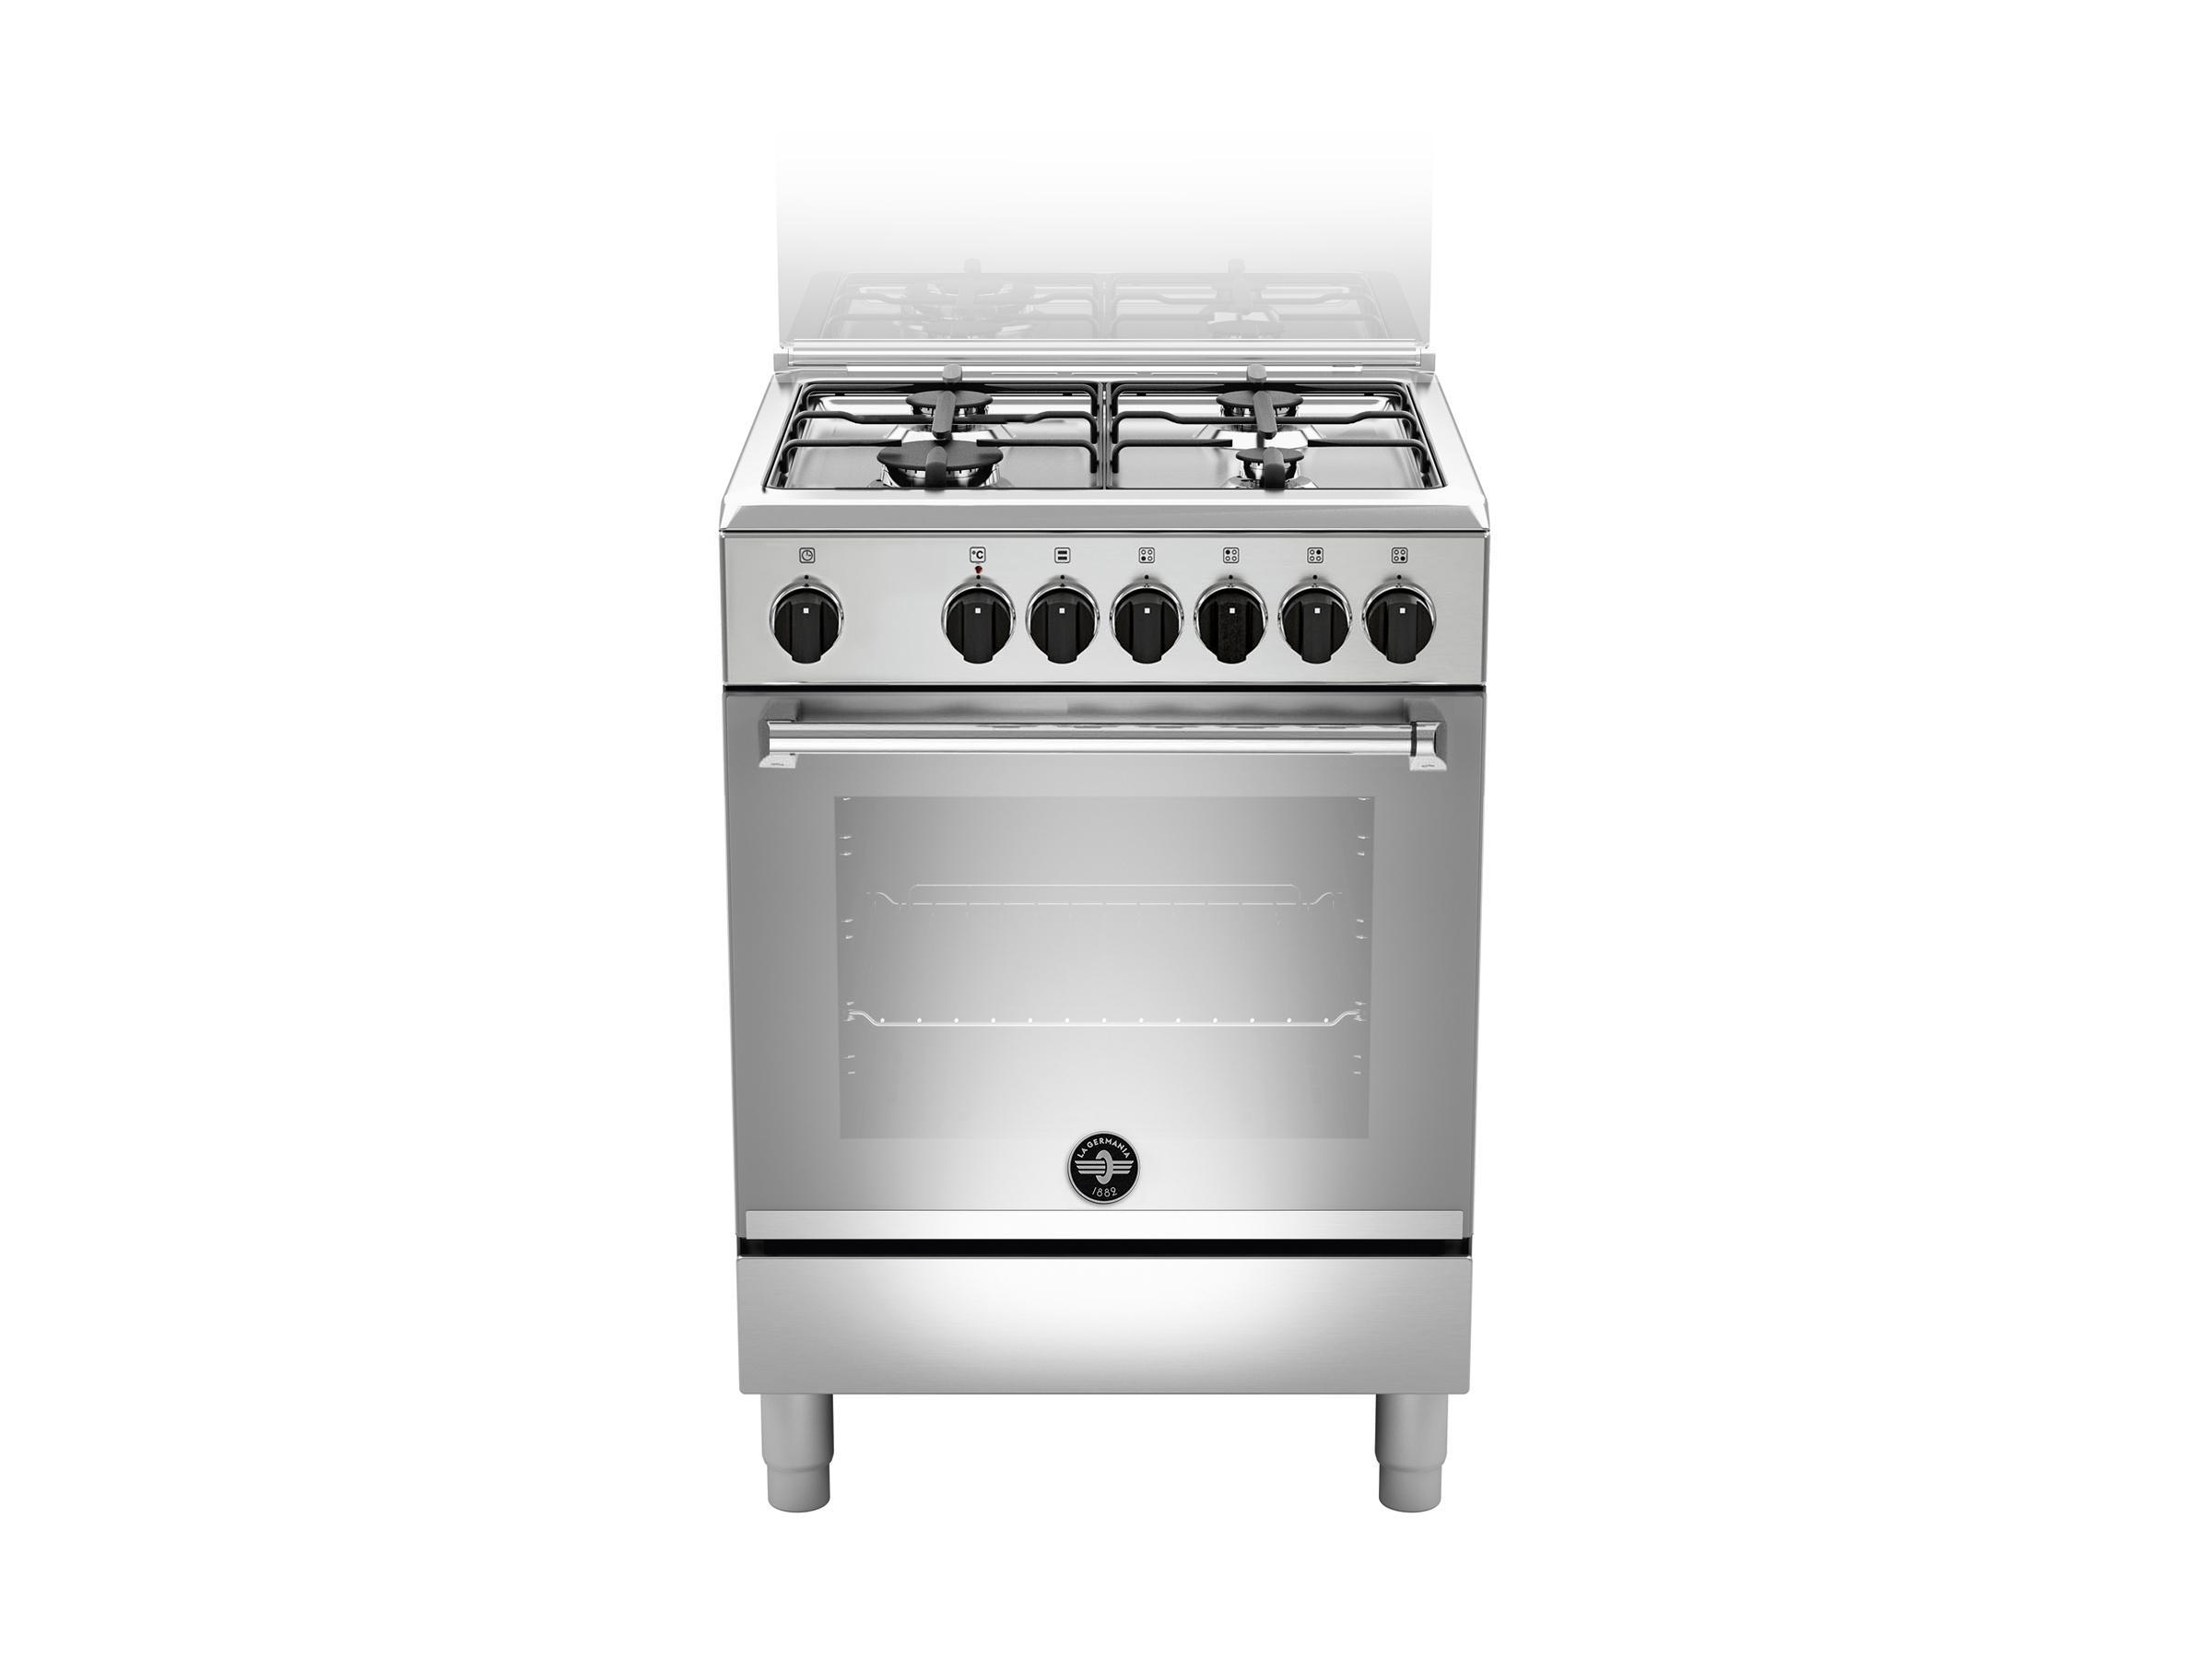 Bertazzoni La Germania Americana AMN664EXV cucina Piano cottura Gas Acciaio inossidabile A